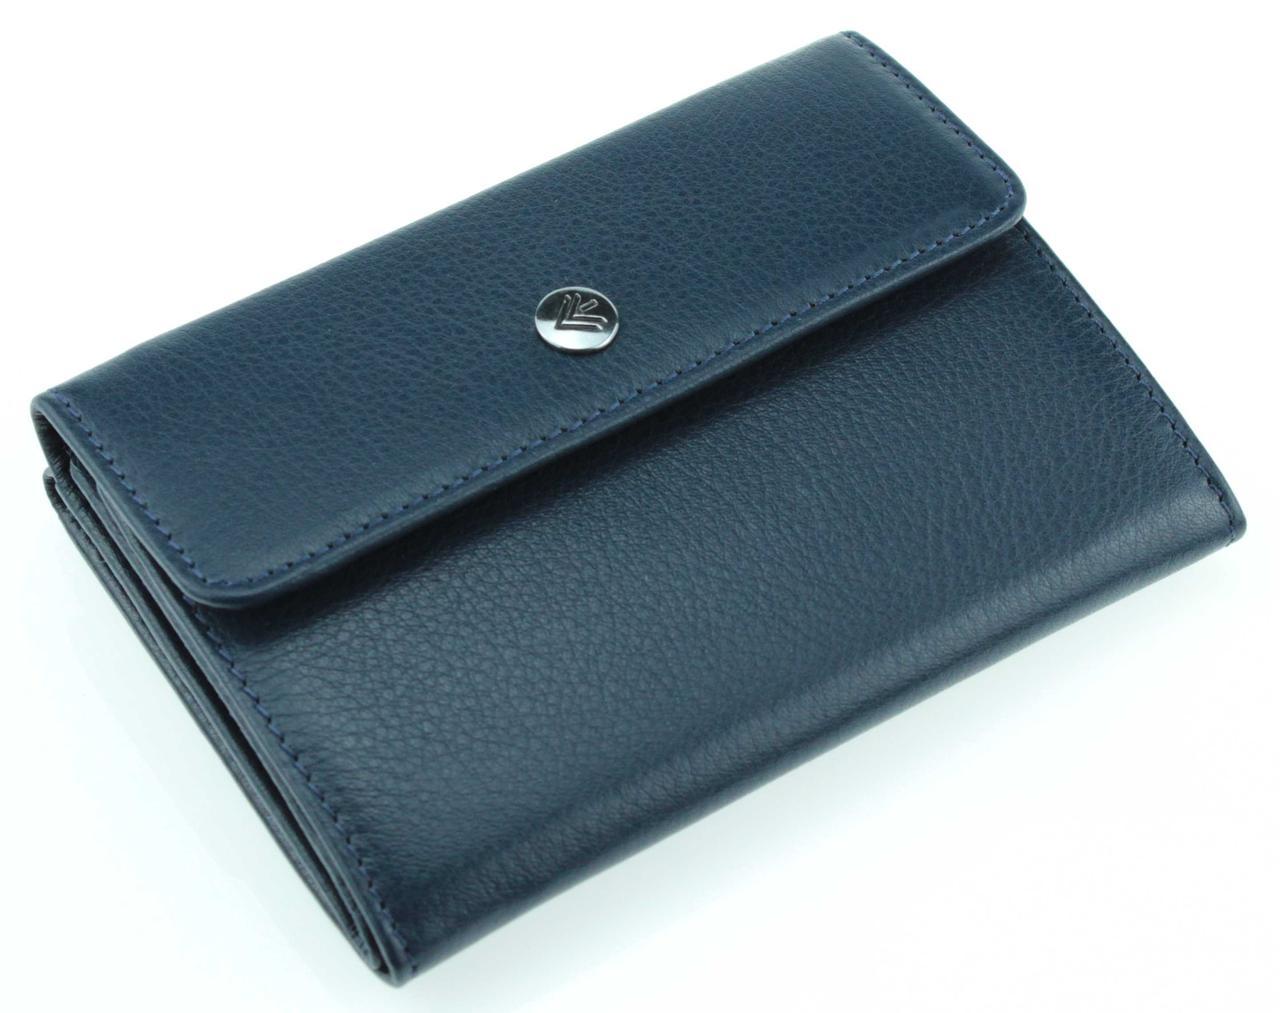 Жіночий гаманець Eminsa 2019-18-19 шкіряний синій з відділенням для автодокументів